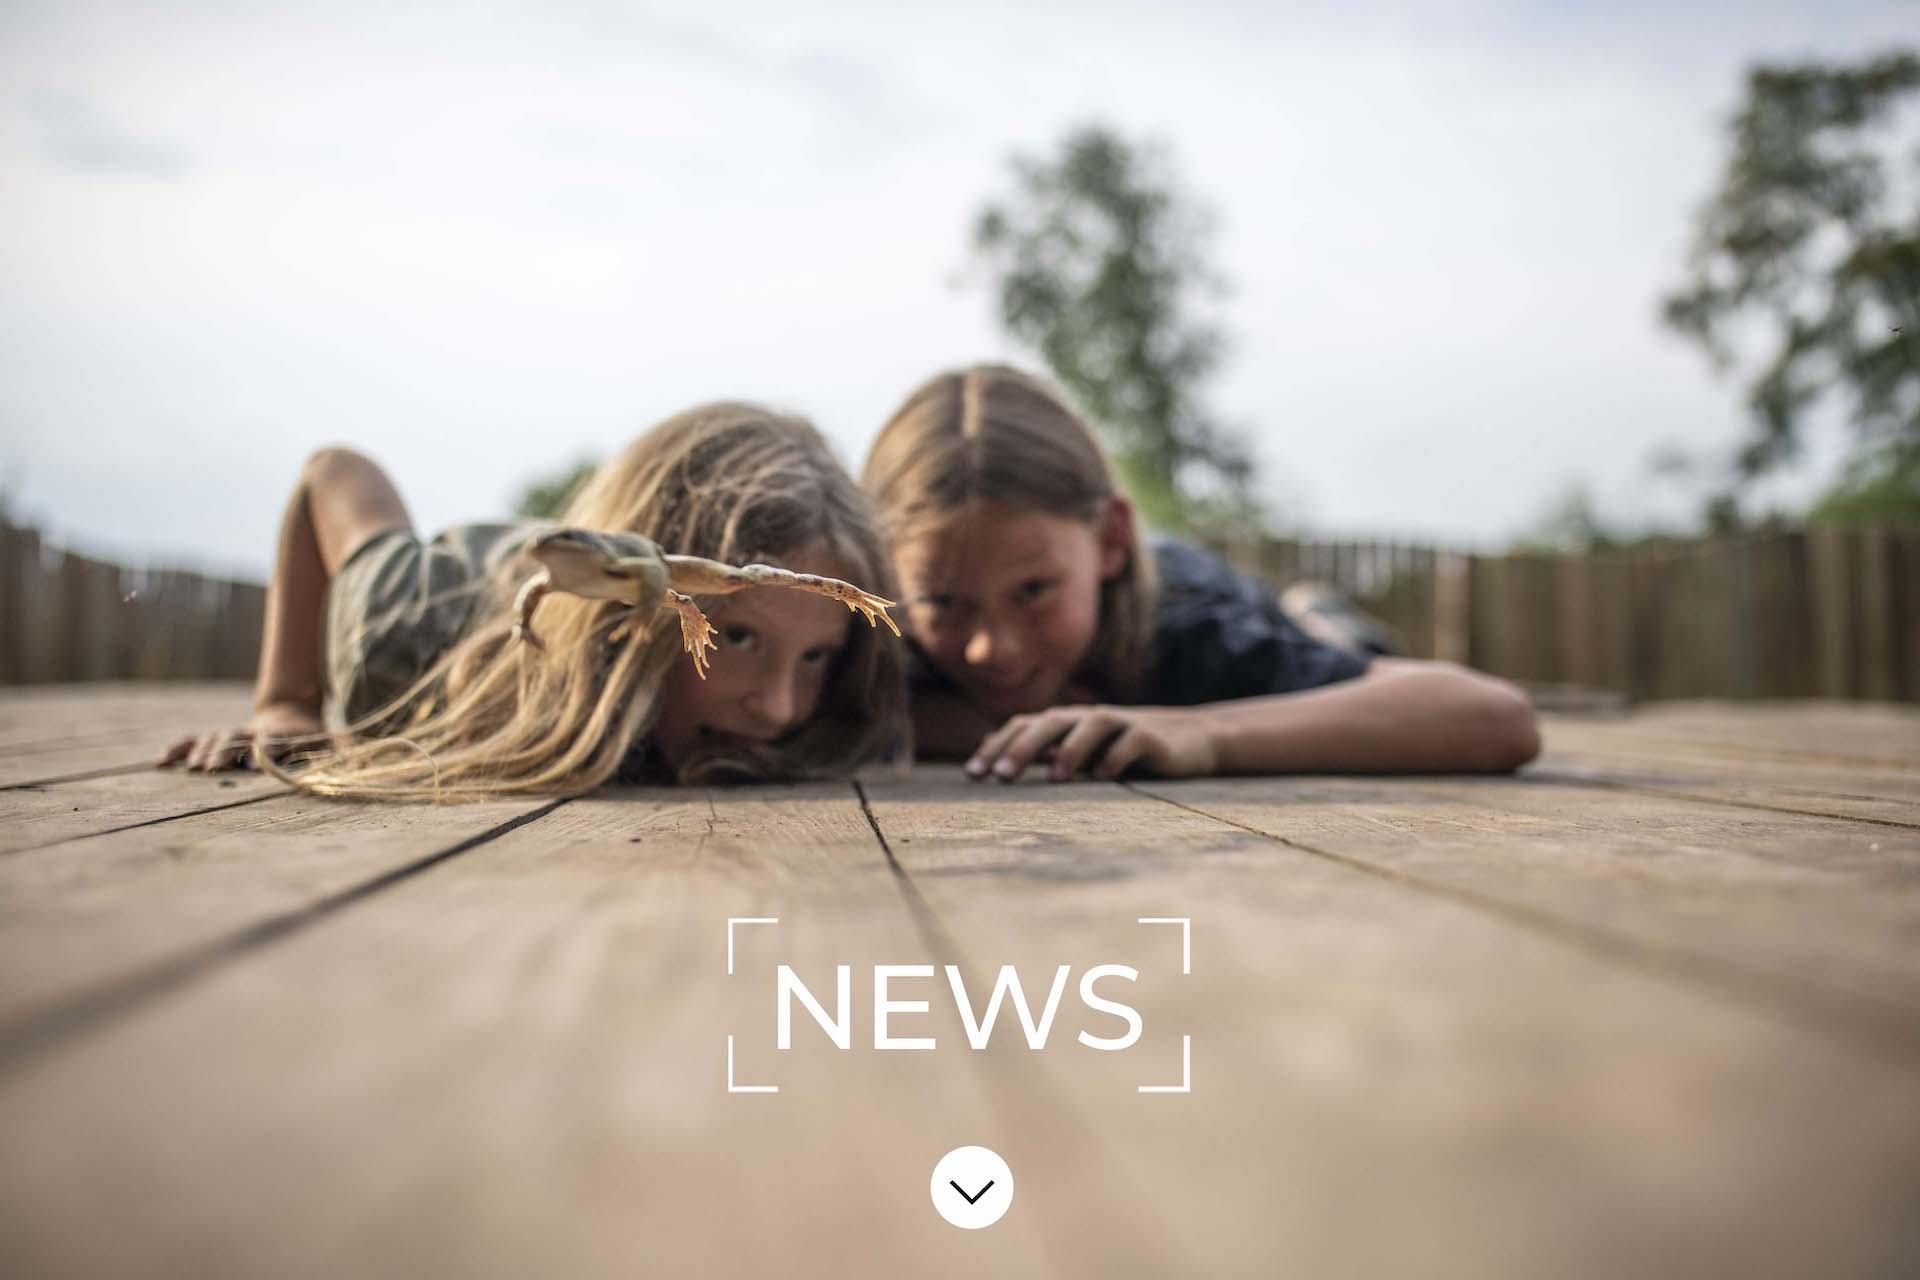 greenmoon-news